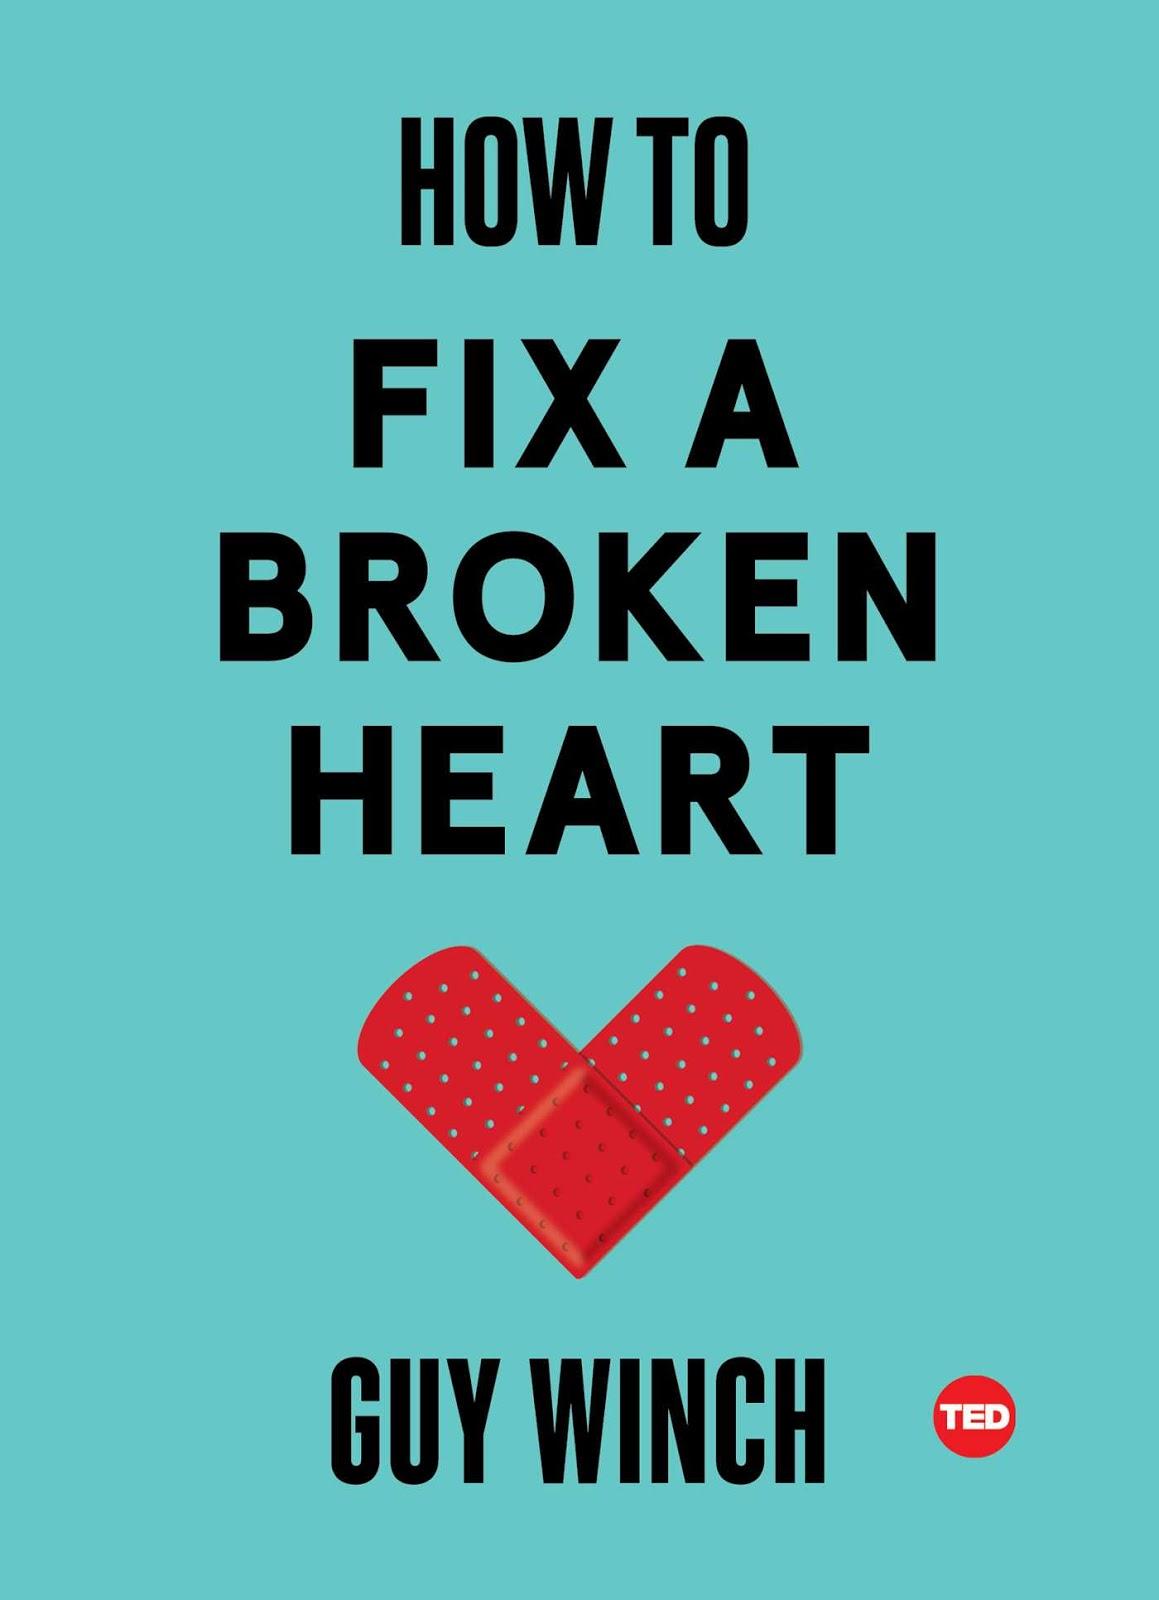 how to mend a broken heart How can you mend a broken heart songtext von bee gees mit lyrics, deutscher Übersetzung, musik-videos und liedtexten kostenlos auf songtextecom.